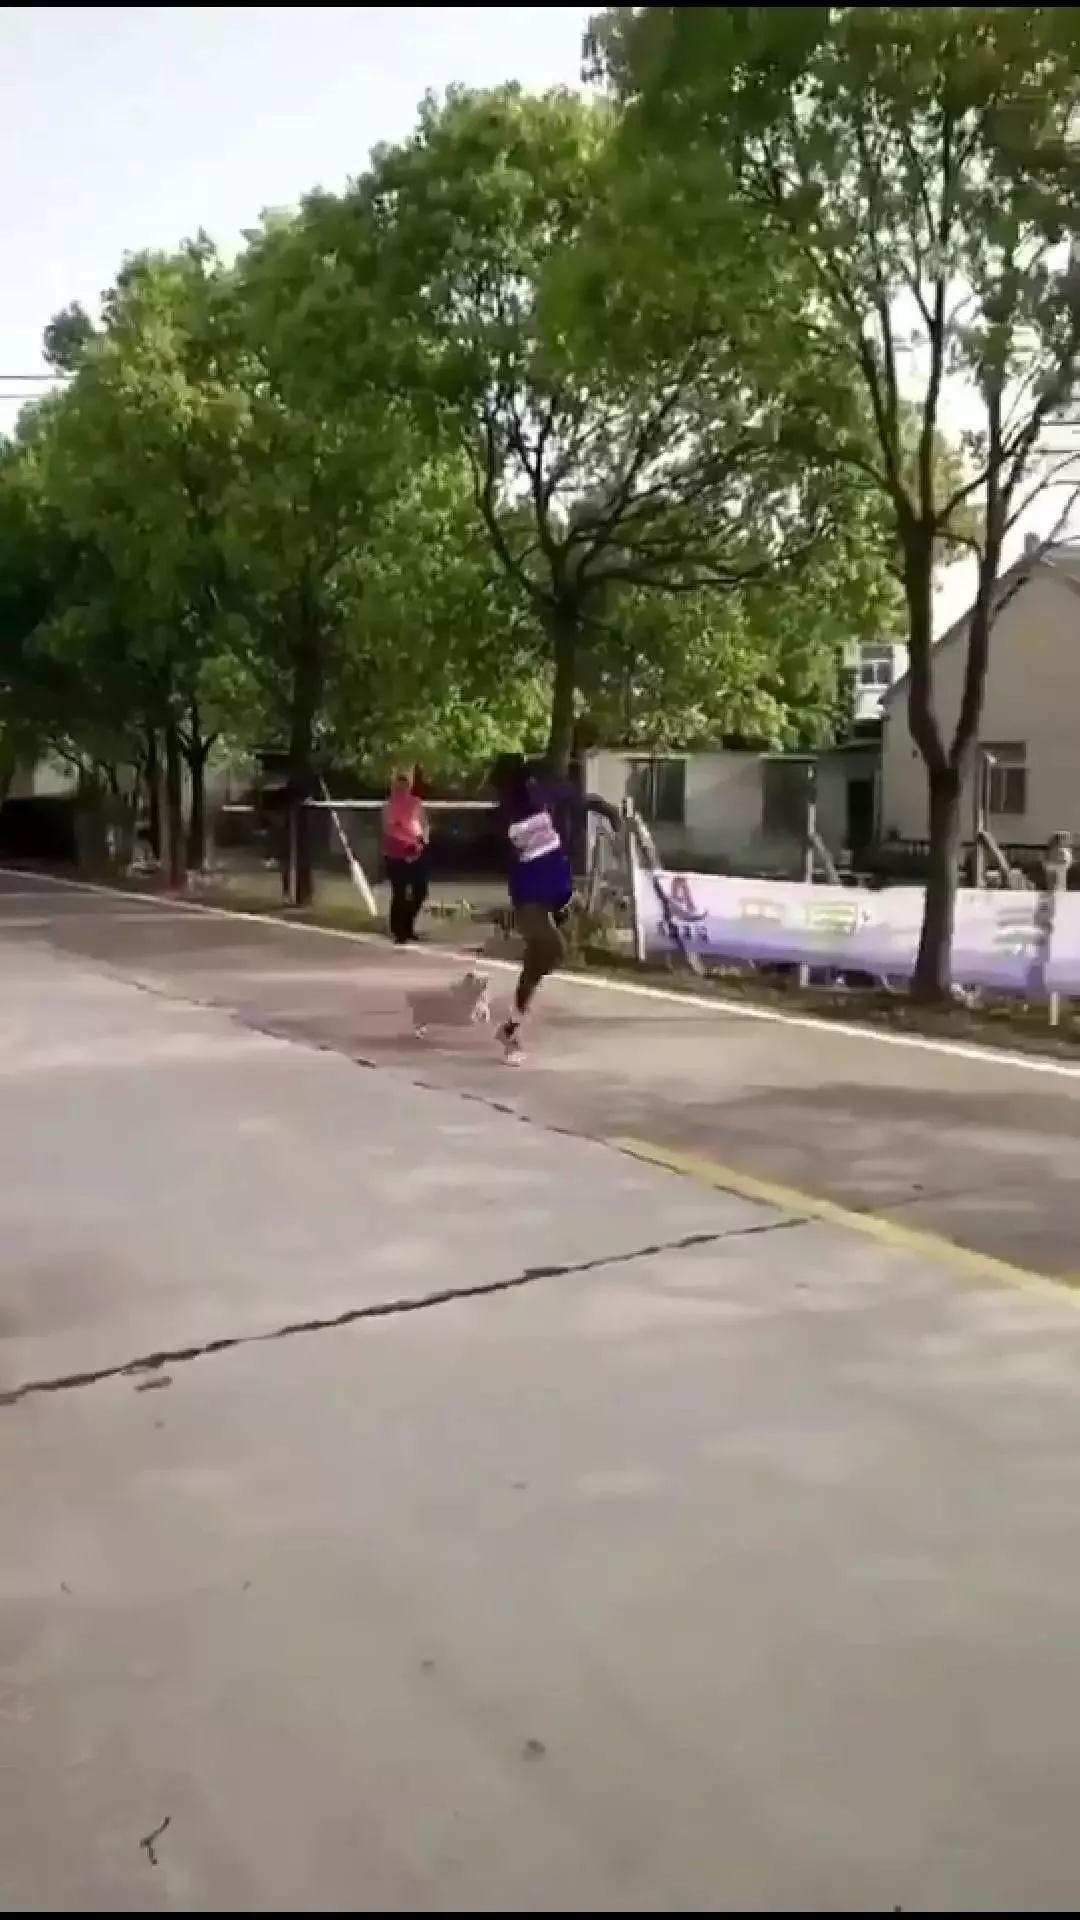 【辟谣】别再传狗撵选手的视频了!我大宜兴才不会出现这种状况!